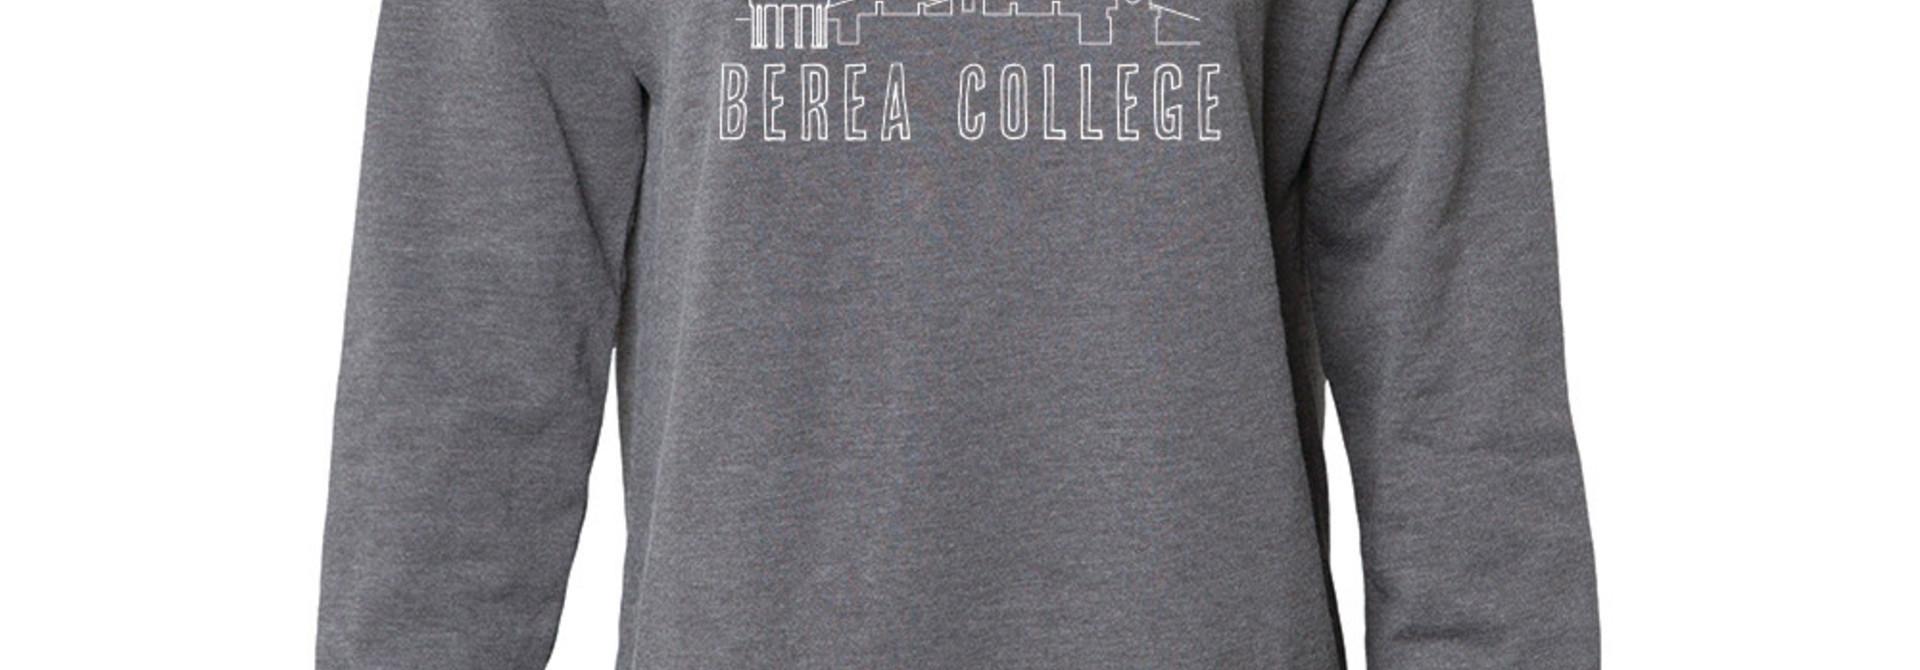 Berea College Adventurer logo Hoodie